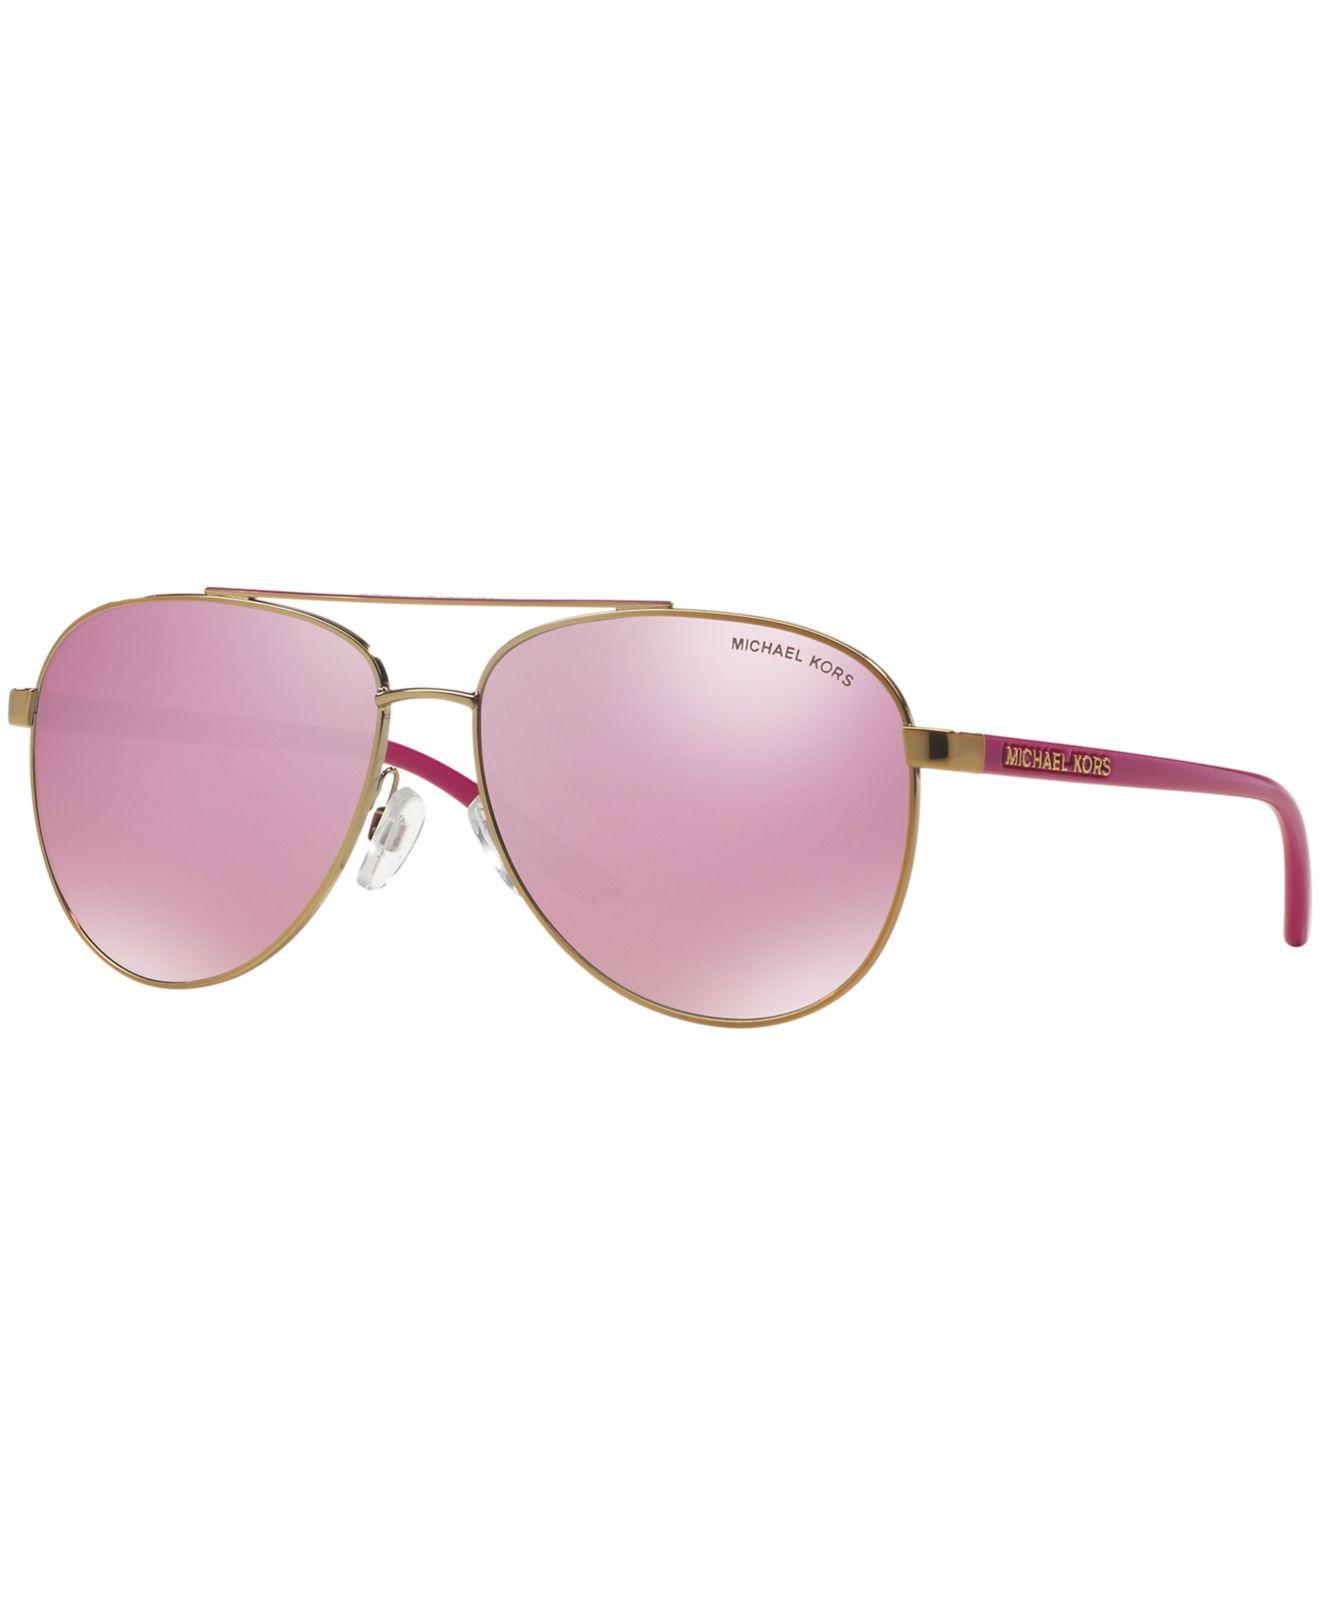 1c543768e8 Lyst - Michael Kors Mk5007 59 Hvar in Pink